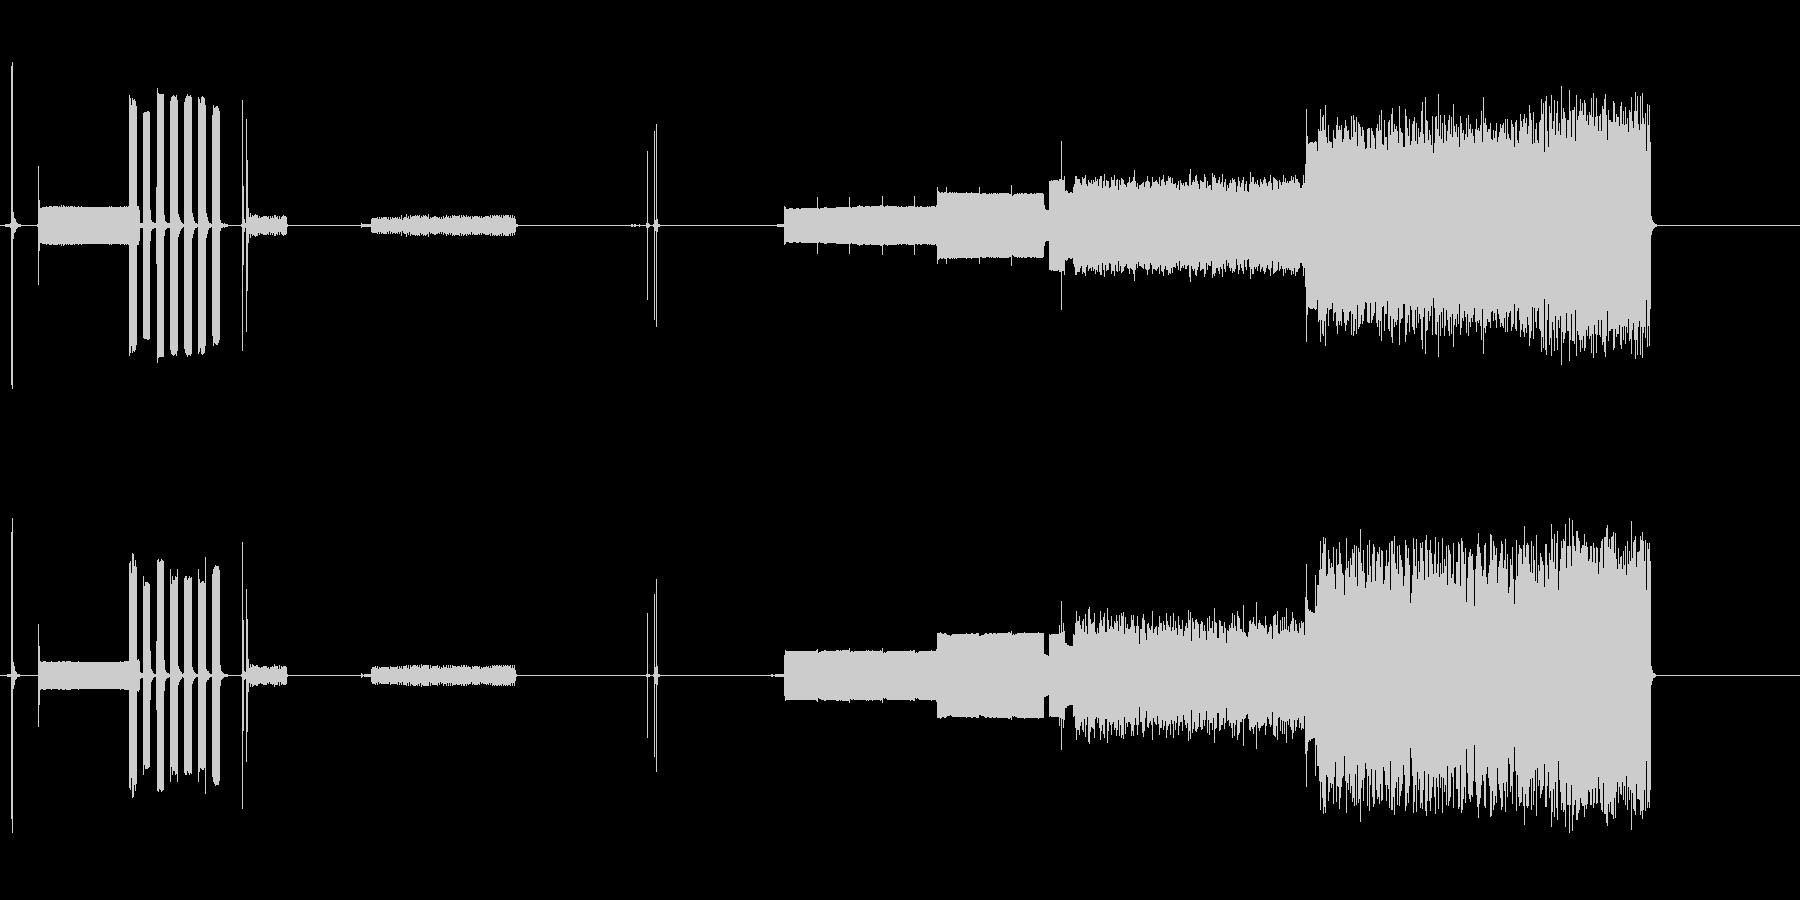 モデム接続。 28、800 Bps...の未再生の波形